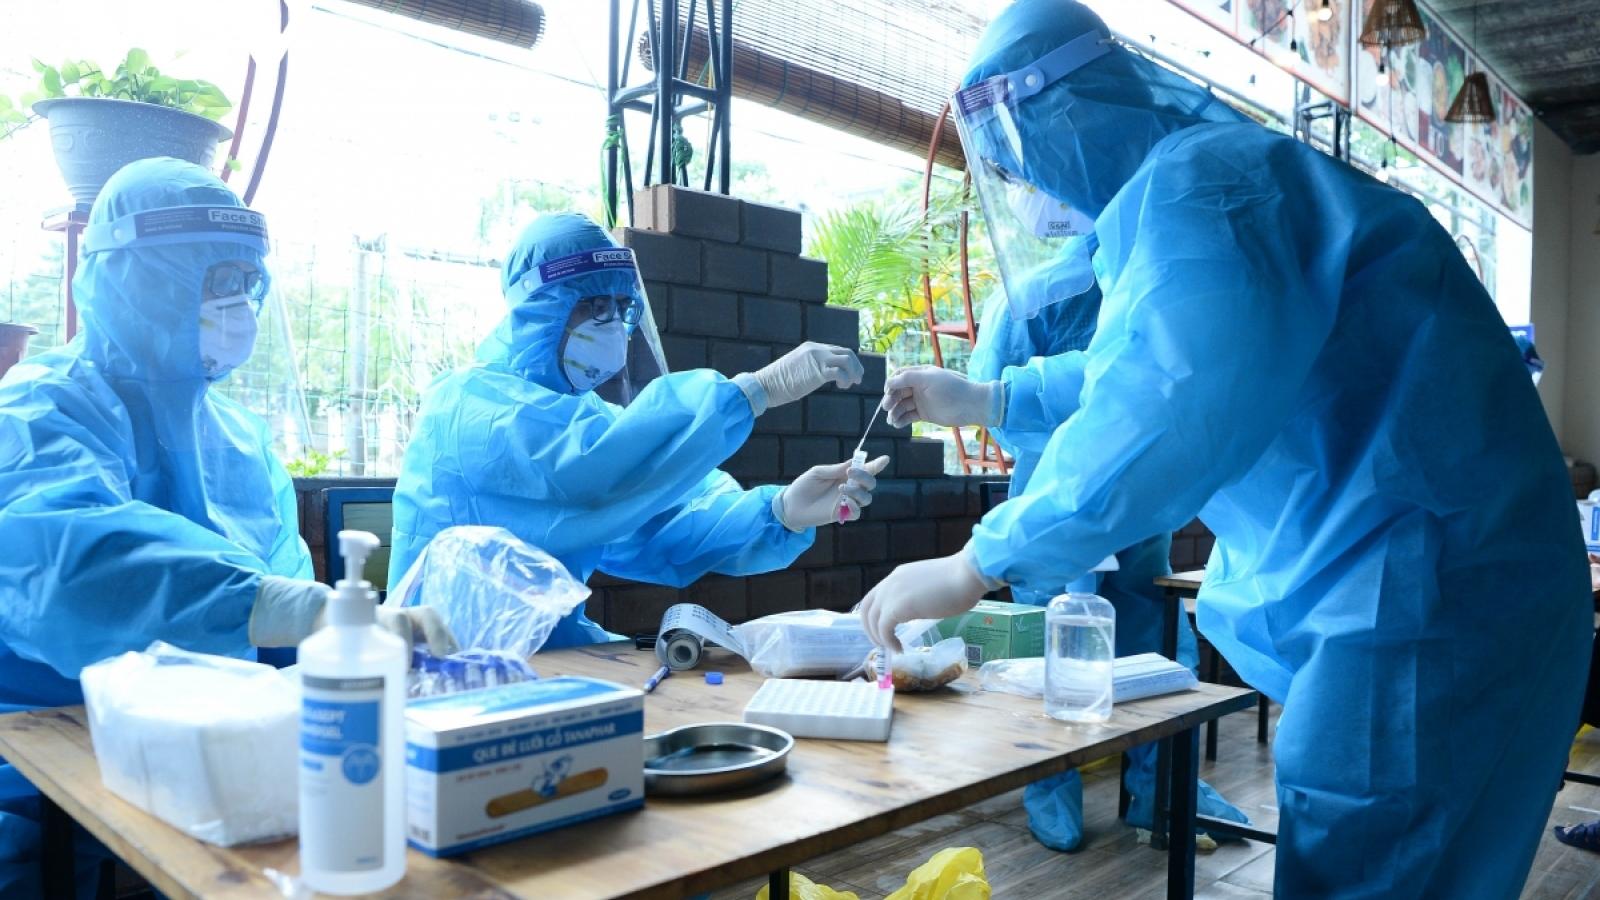 Một bác sĩ ở Hà Nội dương tính SARS-CoV-2 liên quan đến chuyến bay Đà Nẵng-Hà Nội